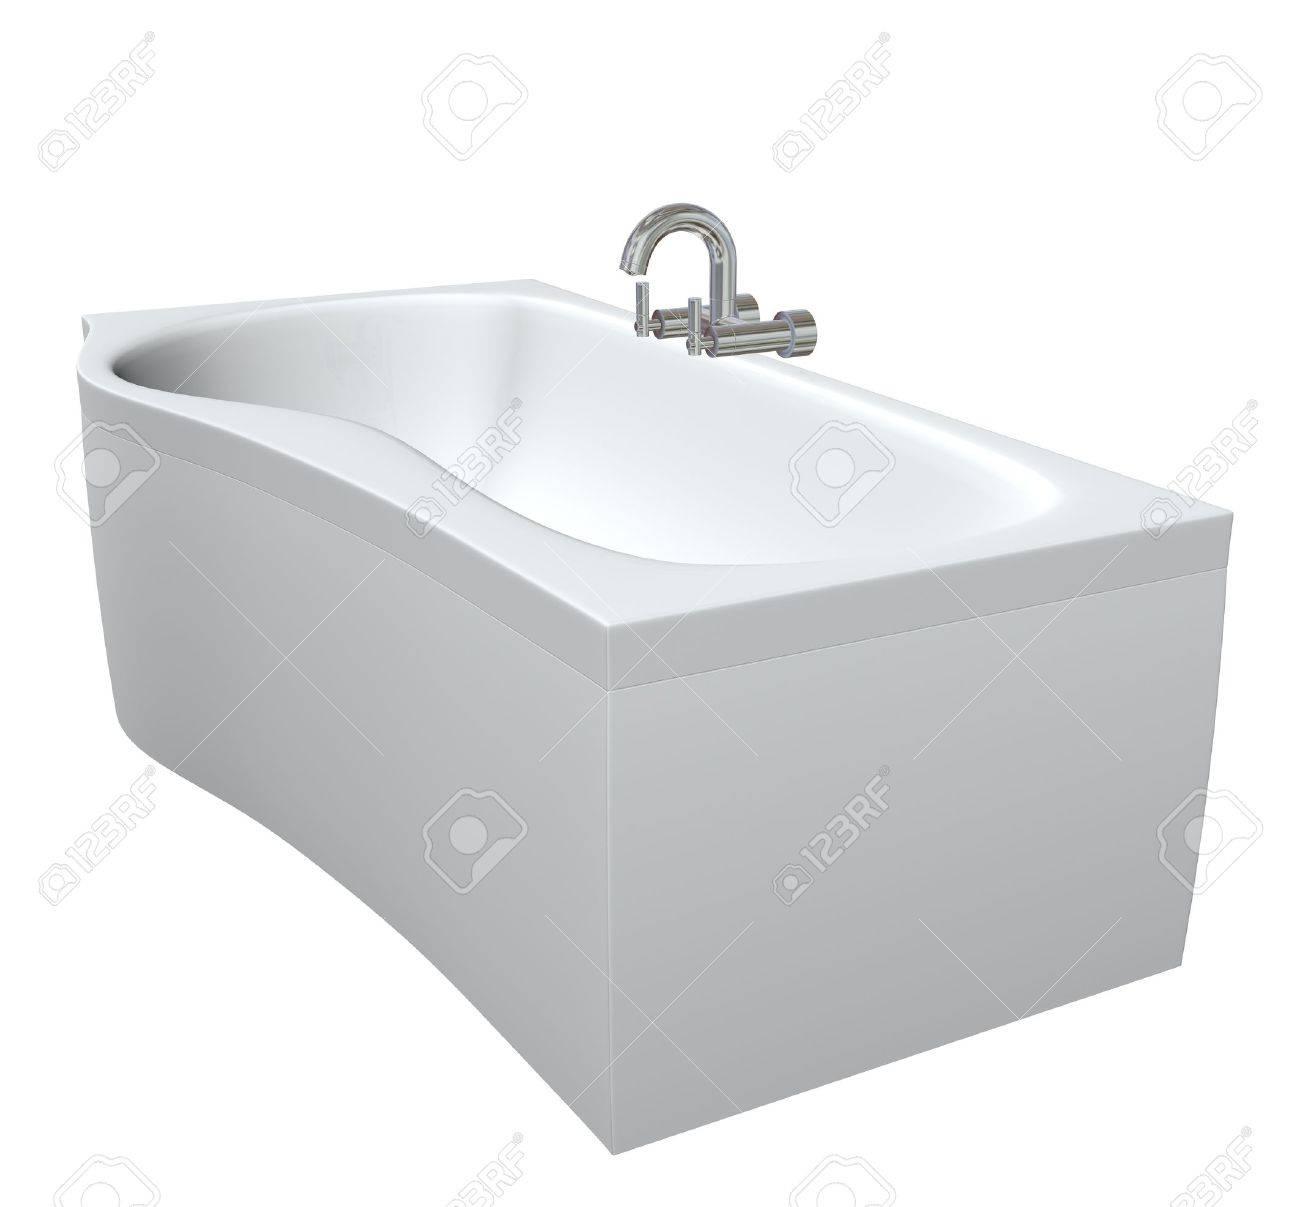 Armaturen badewanne  Keramik Oder Acrylc Badewanne Mit Armaturen Aus Chrom Und Wasserhahn ...